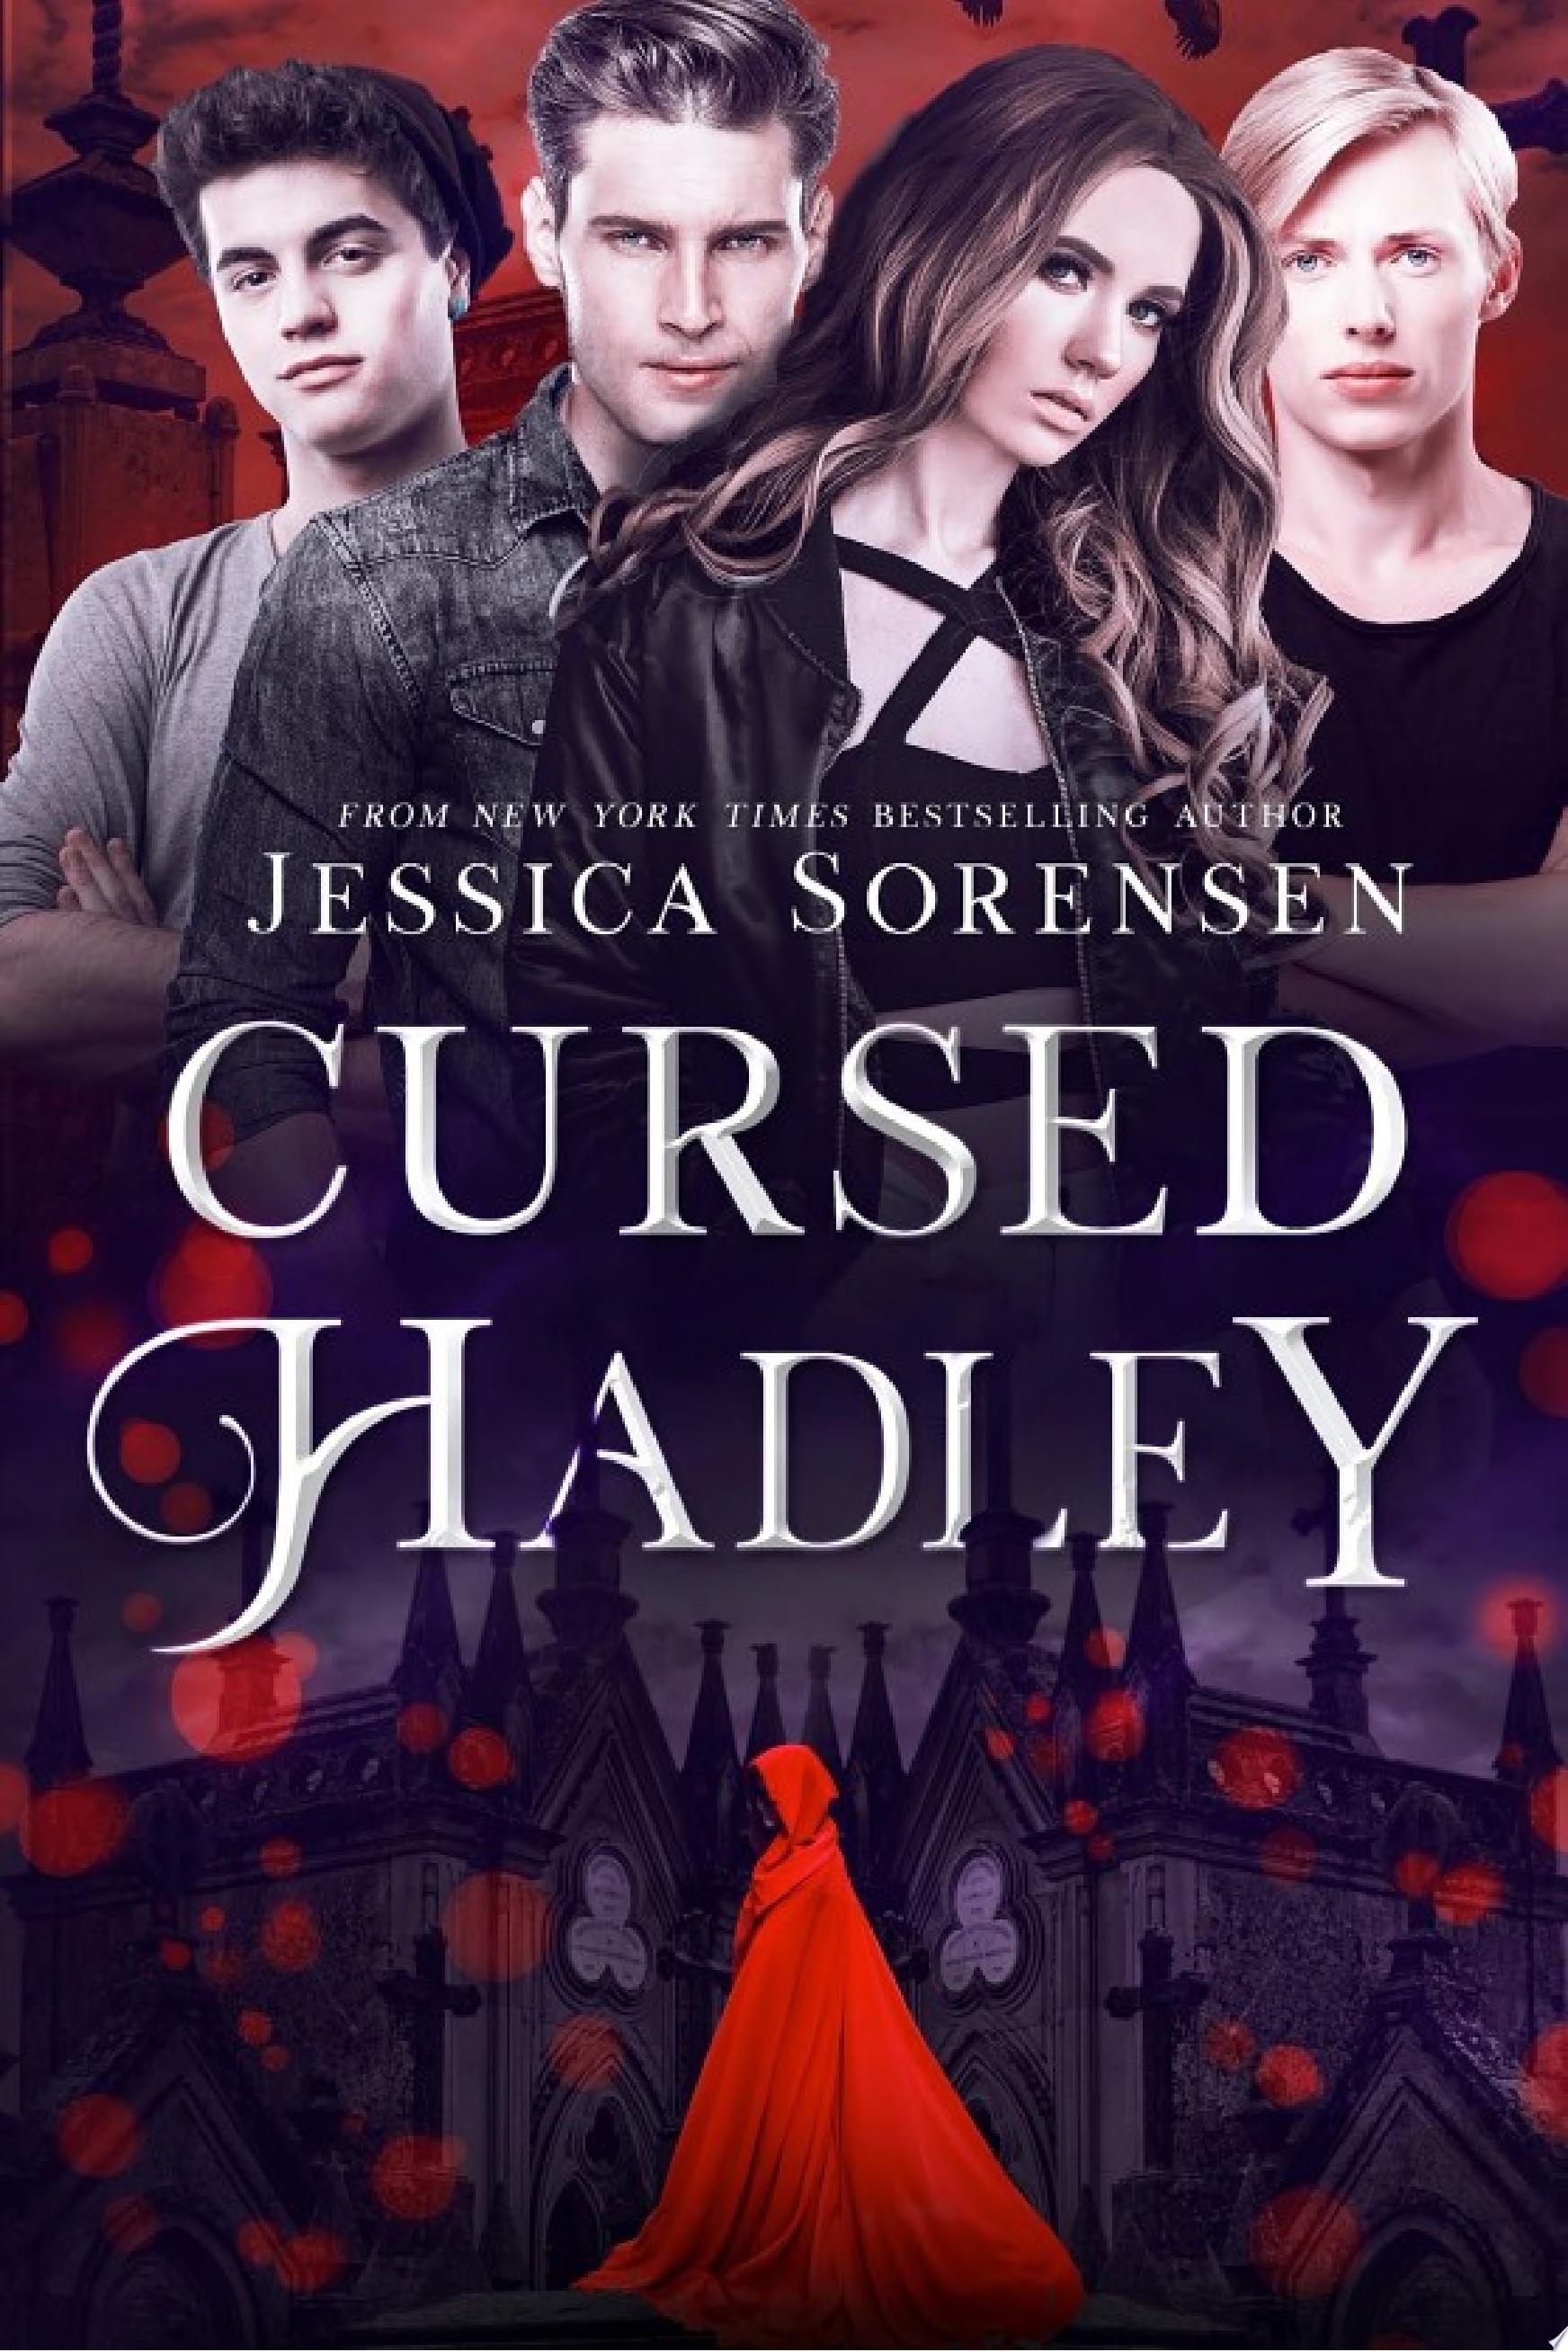 Cursed Hadley